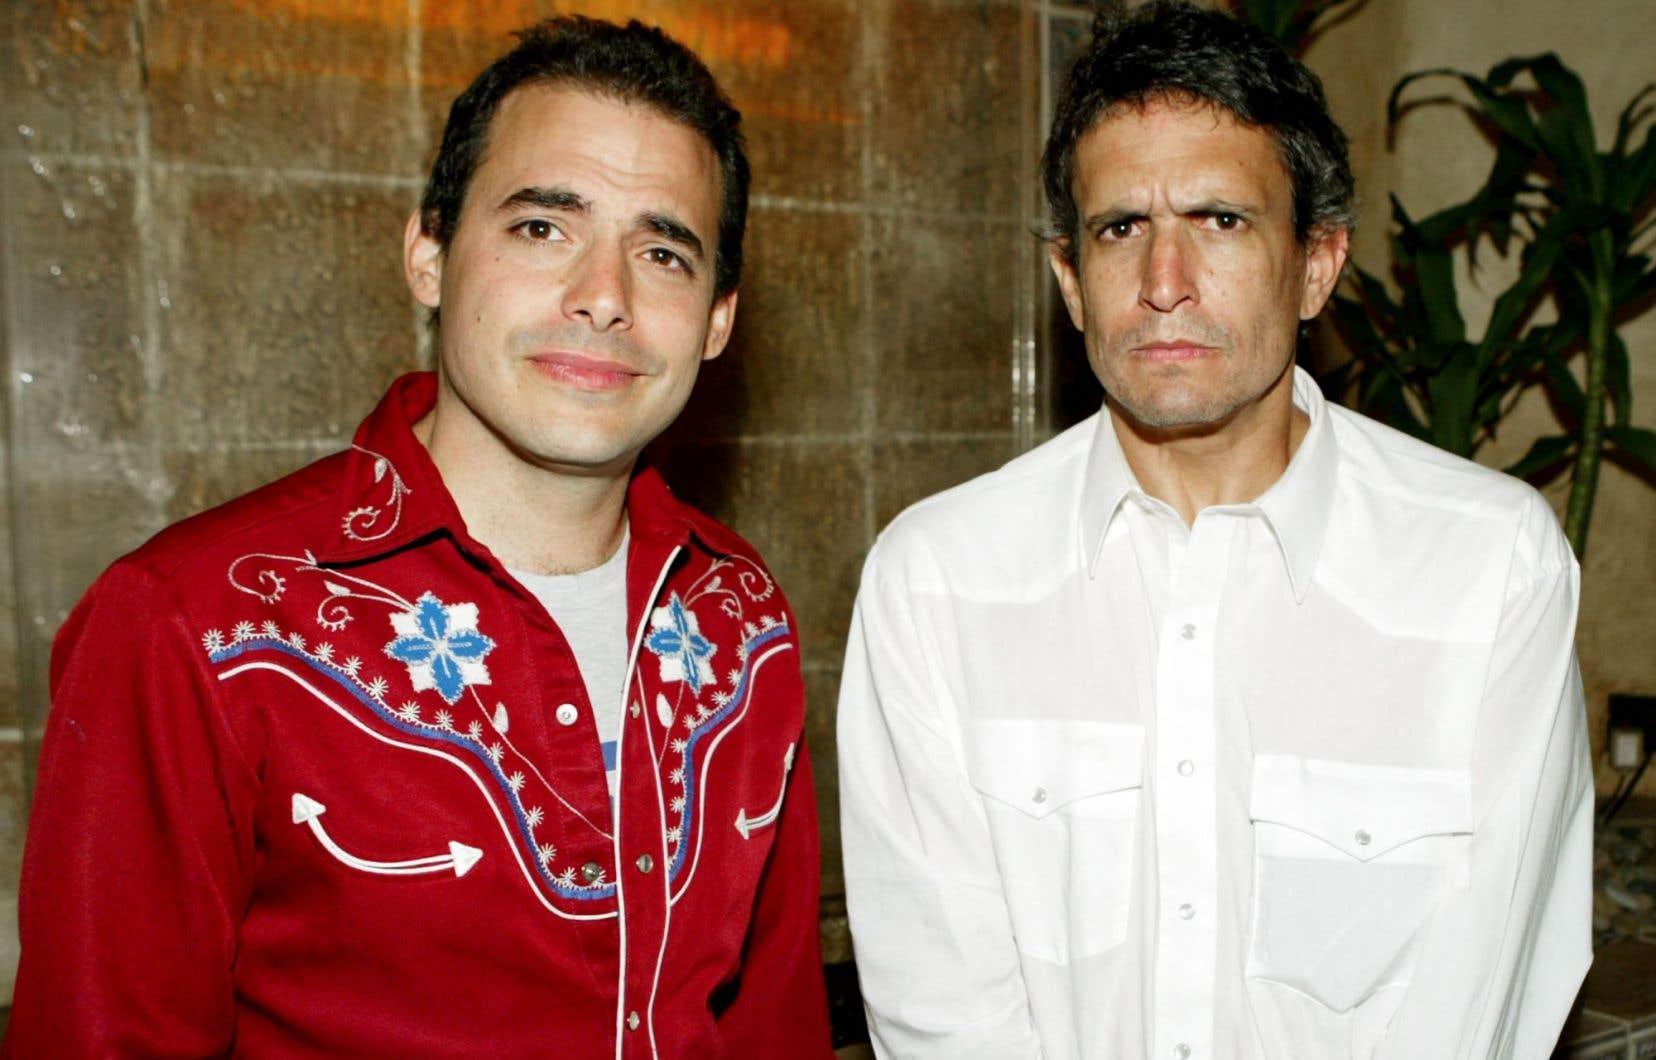 Les deux fondateurs des Yes Men, Igor Vamos (alias Mike Bonanno) et Jacques Servin (alias Andy Bichlbaum), en 2004, lors du lancement du documentaire sur les actions du collectif.